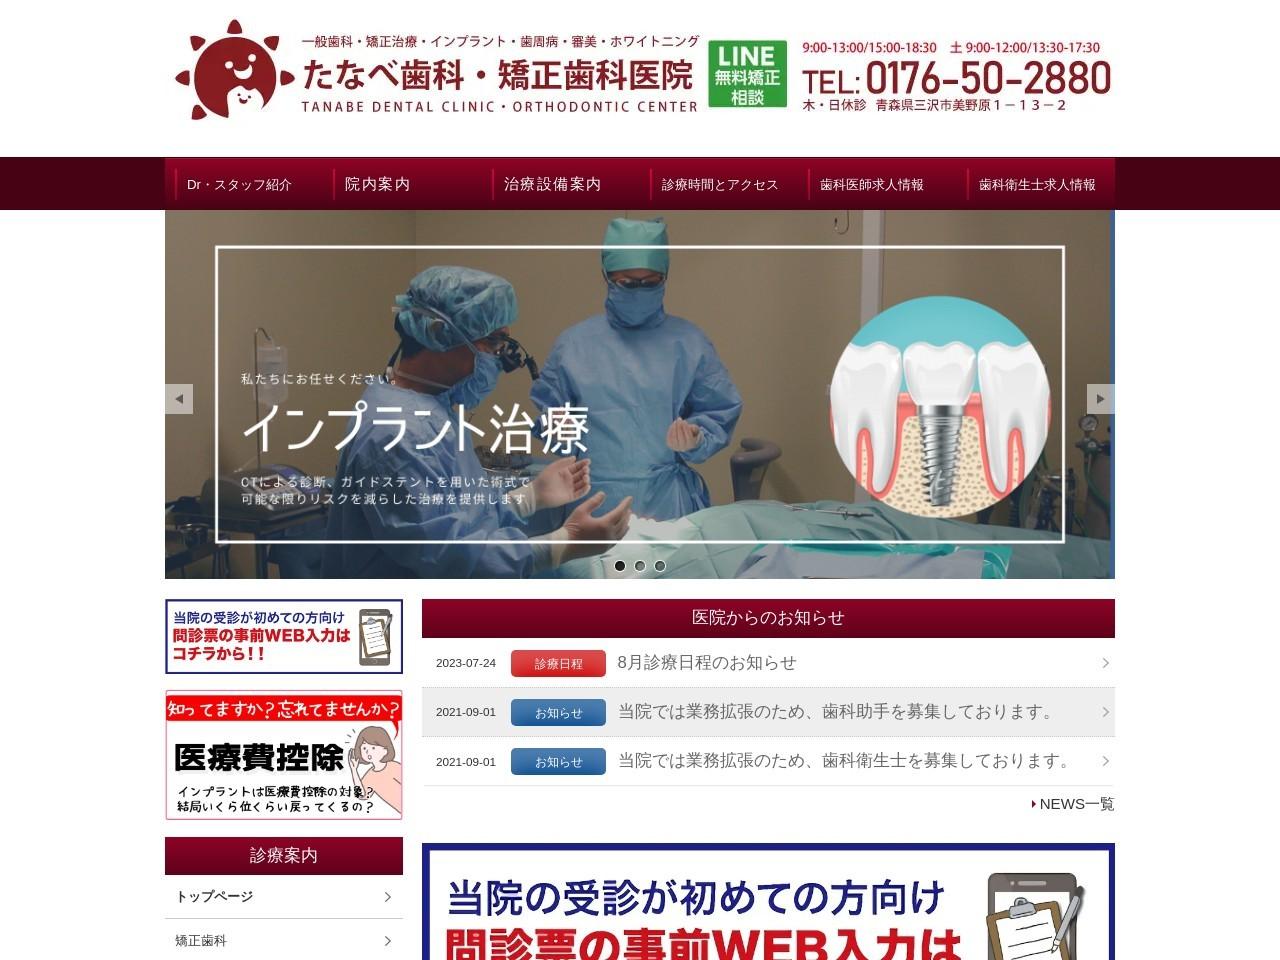 医療法人  たなべ歯科・矯正歯科医院 (青森県三沢市)